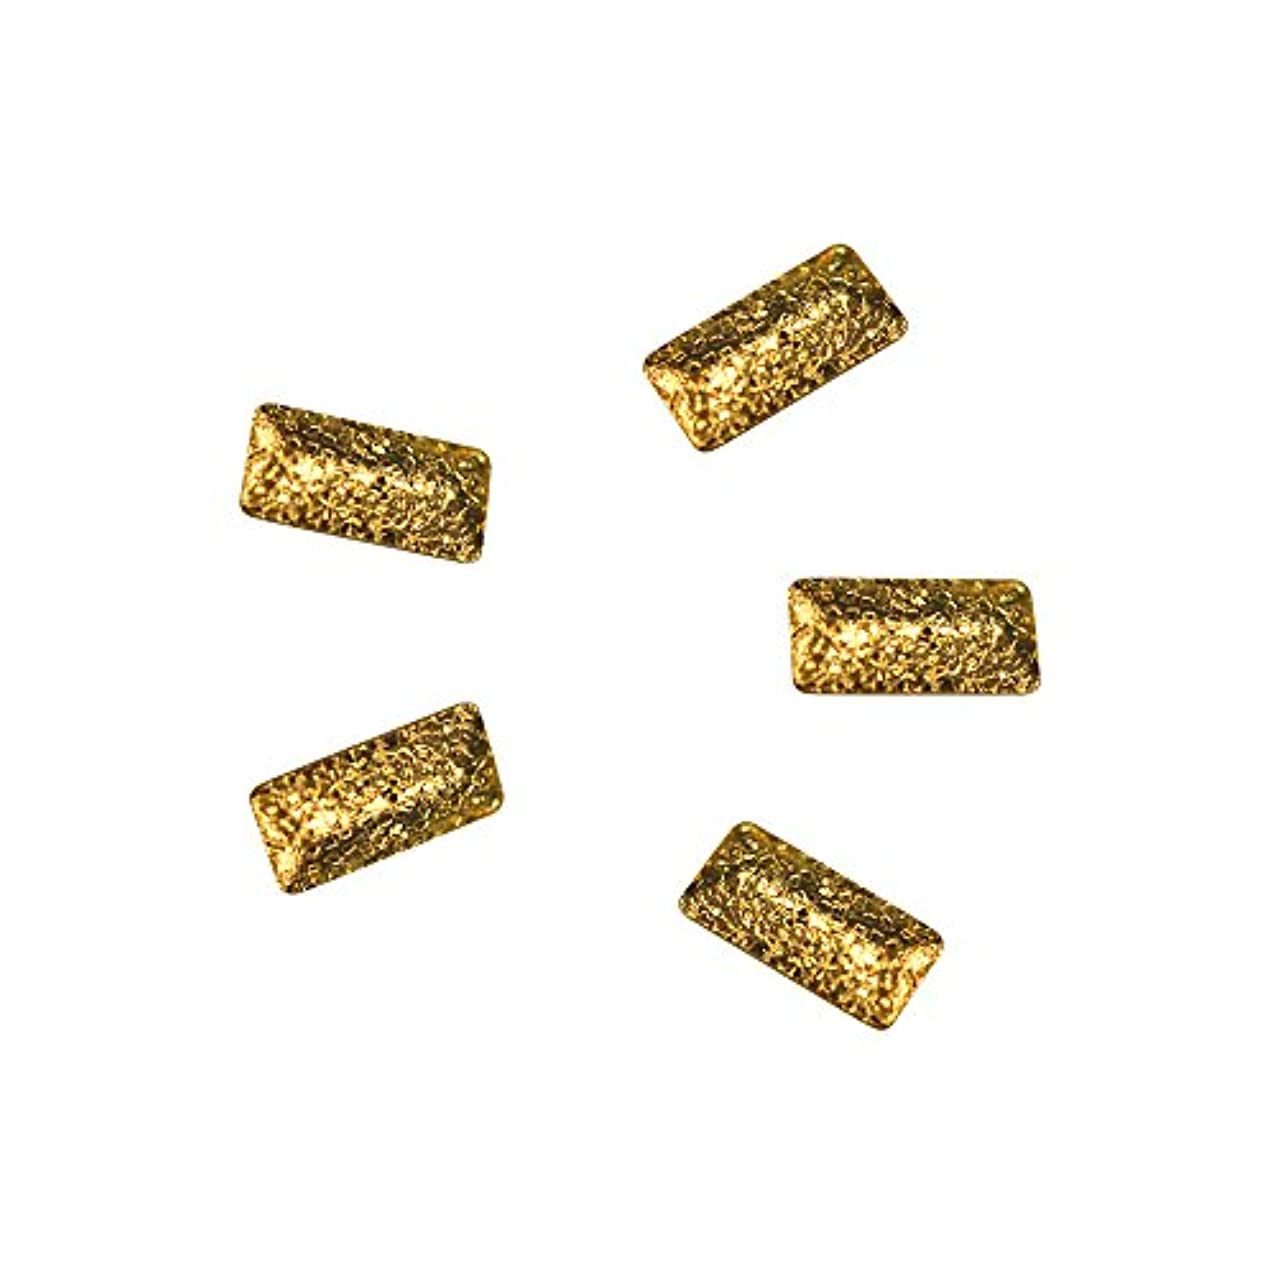 シェフ価値希少性Bonnail ラフスタッズゴールド レクタングル 3×1.2mm 30P